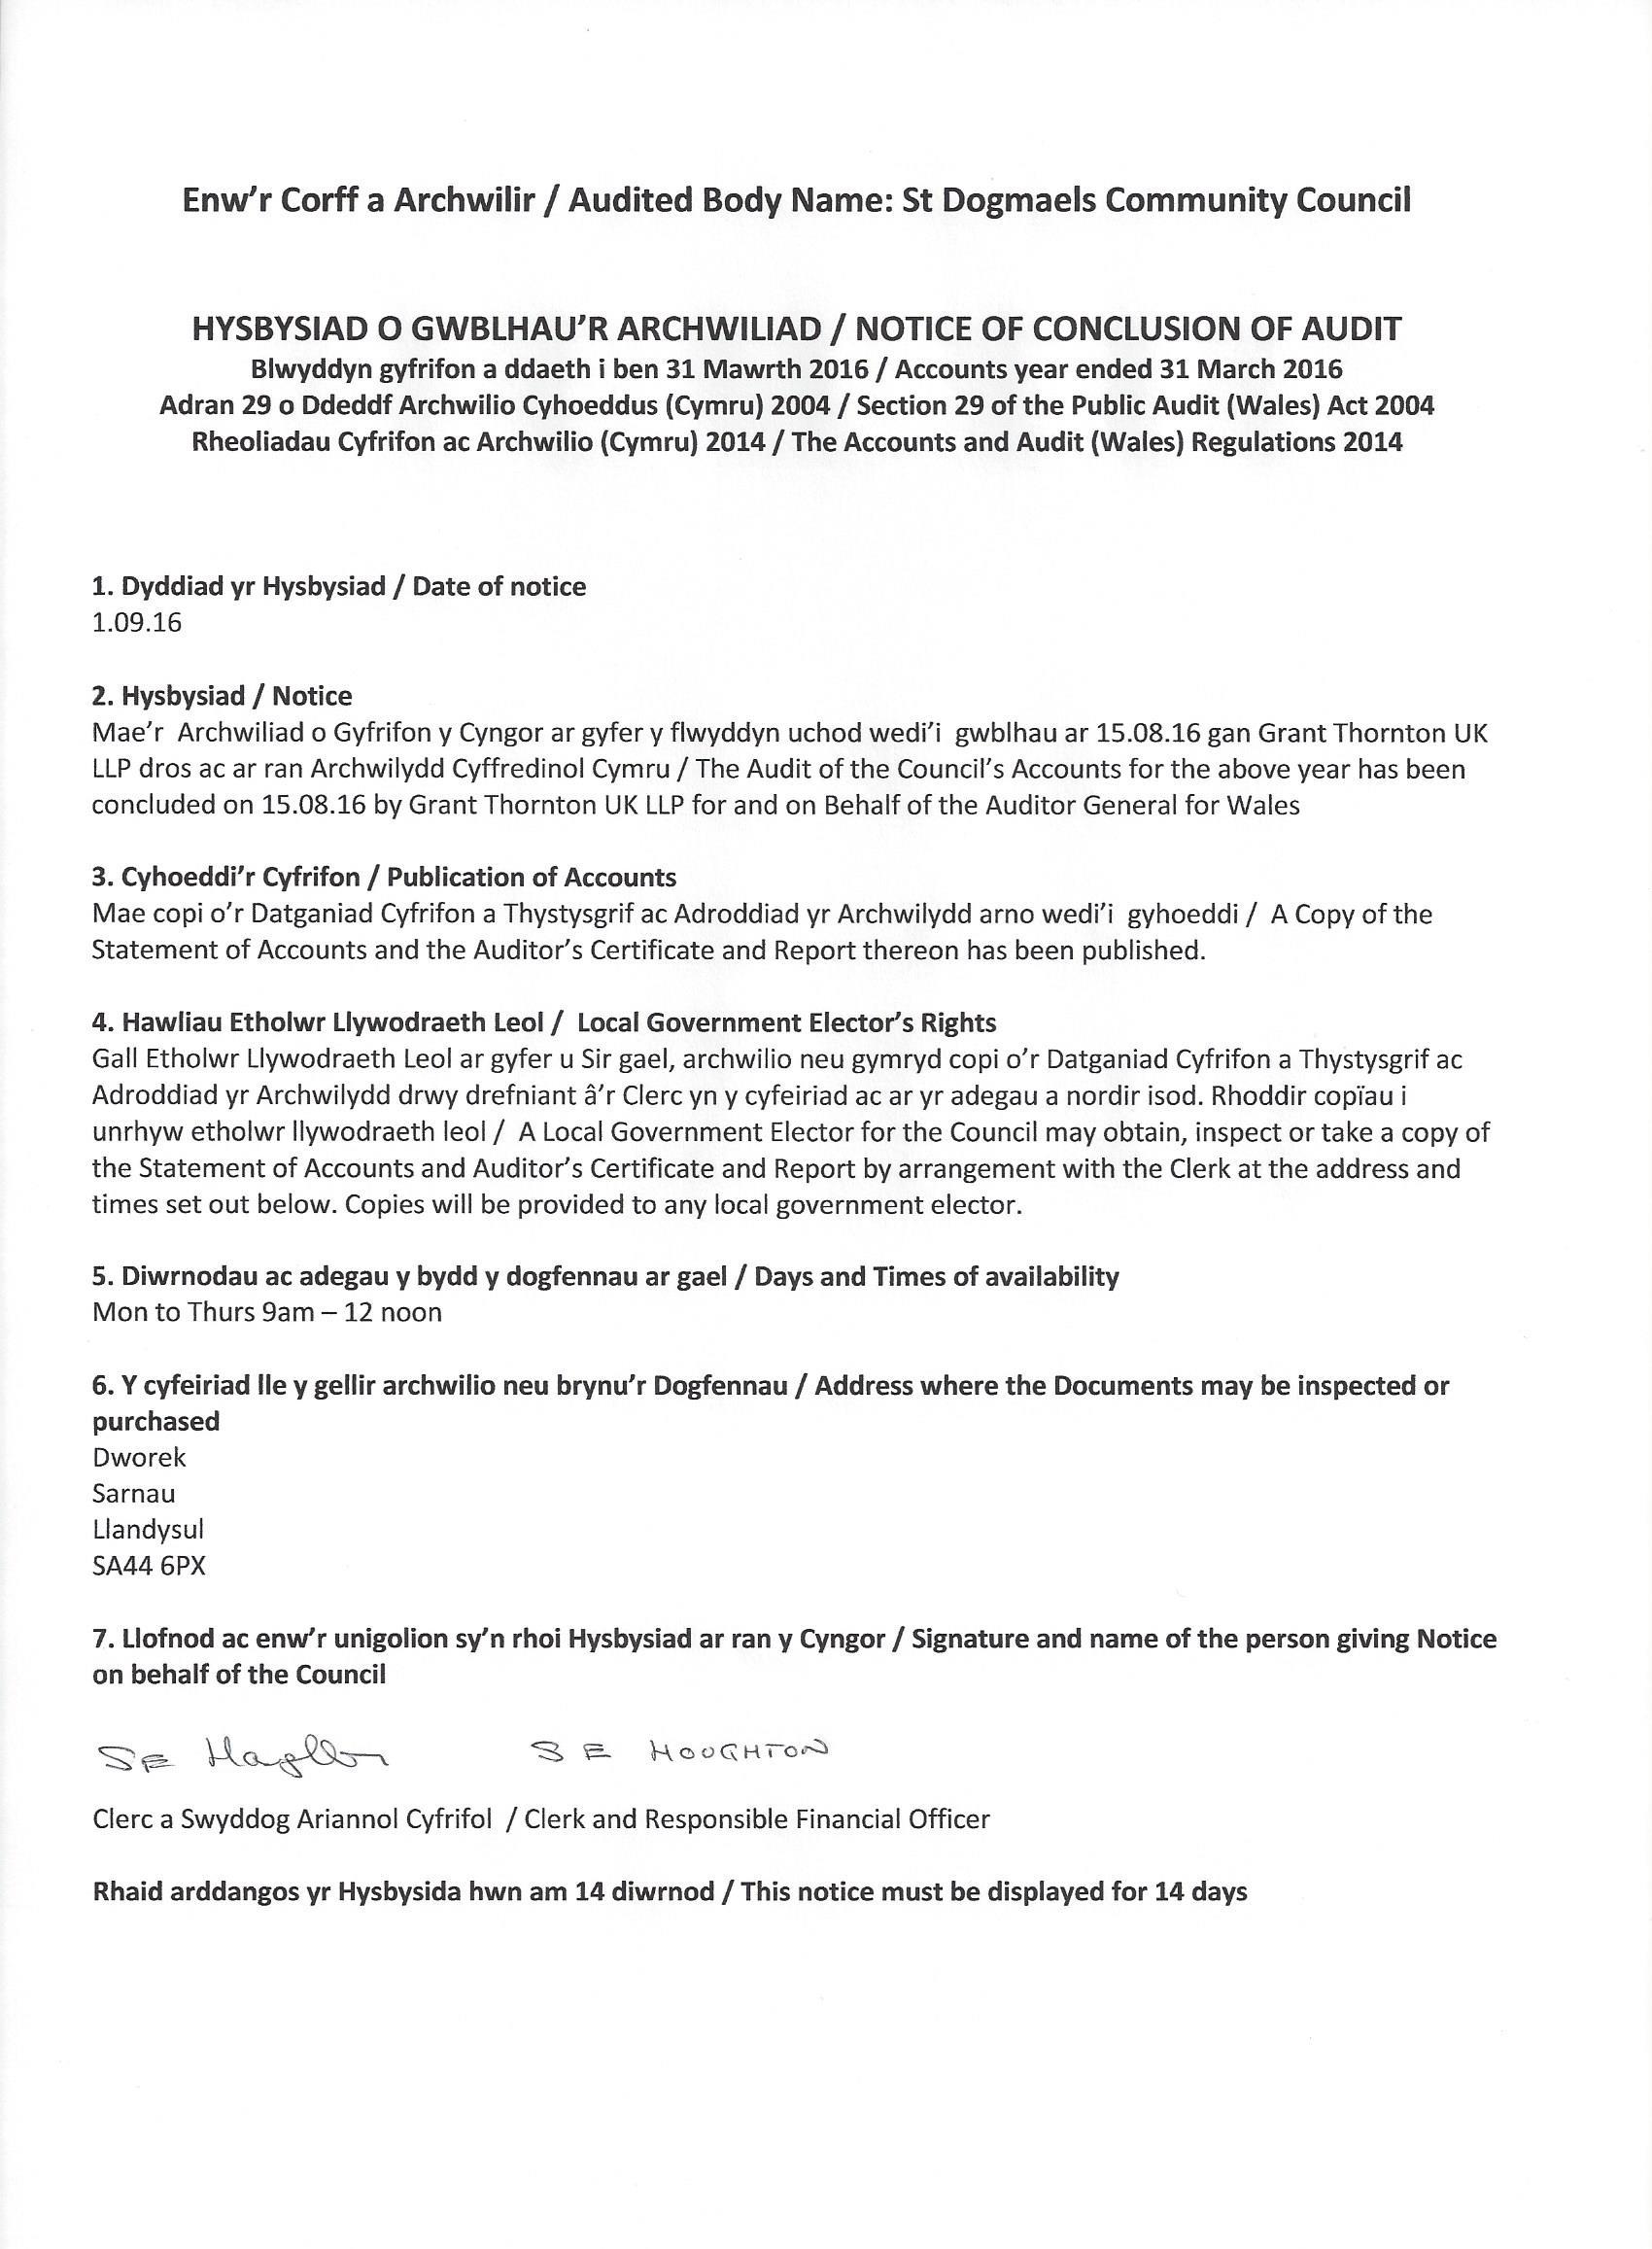 completion of audit for website